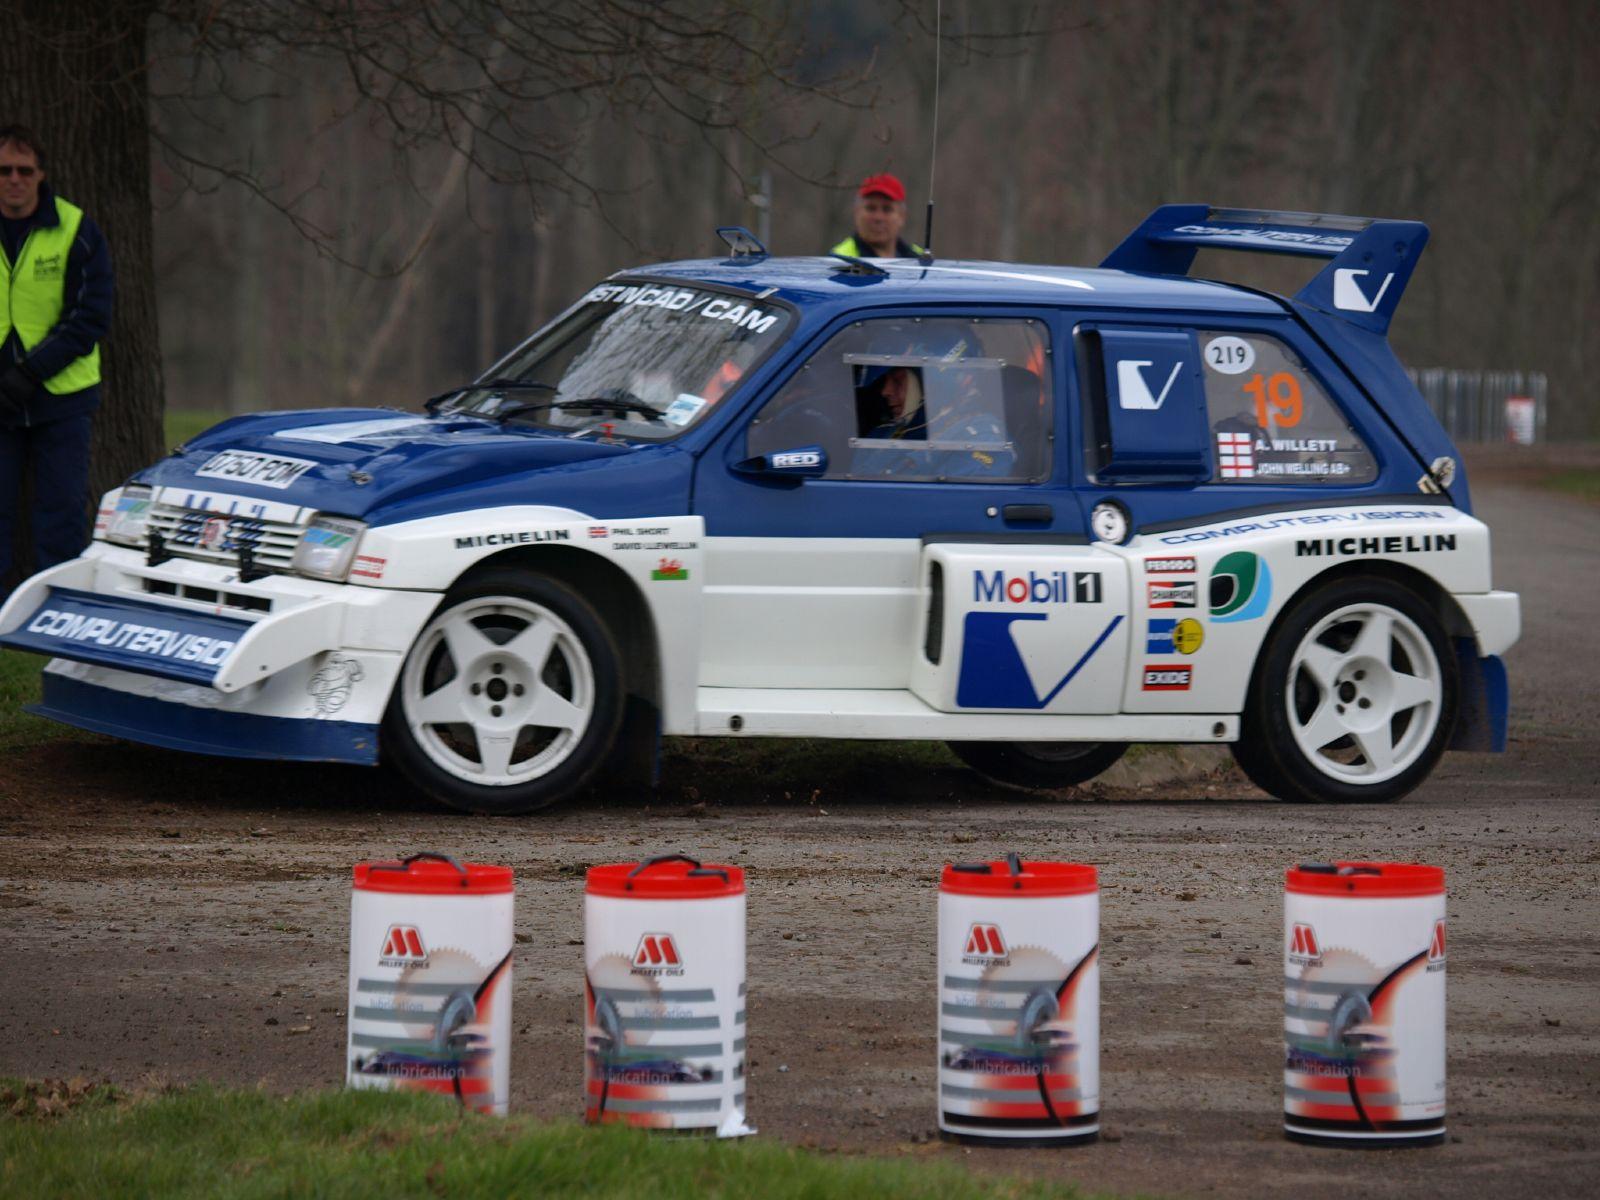 Fotos de Autos del rally mundial, a lo largo de la historia